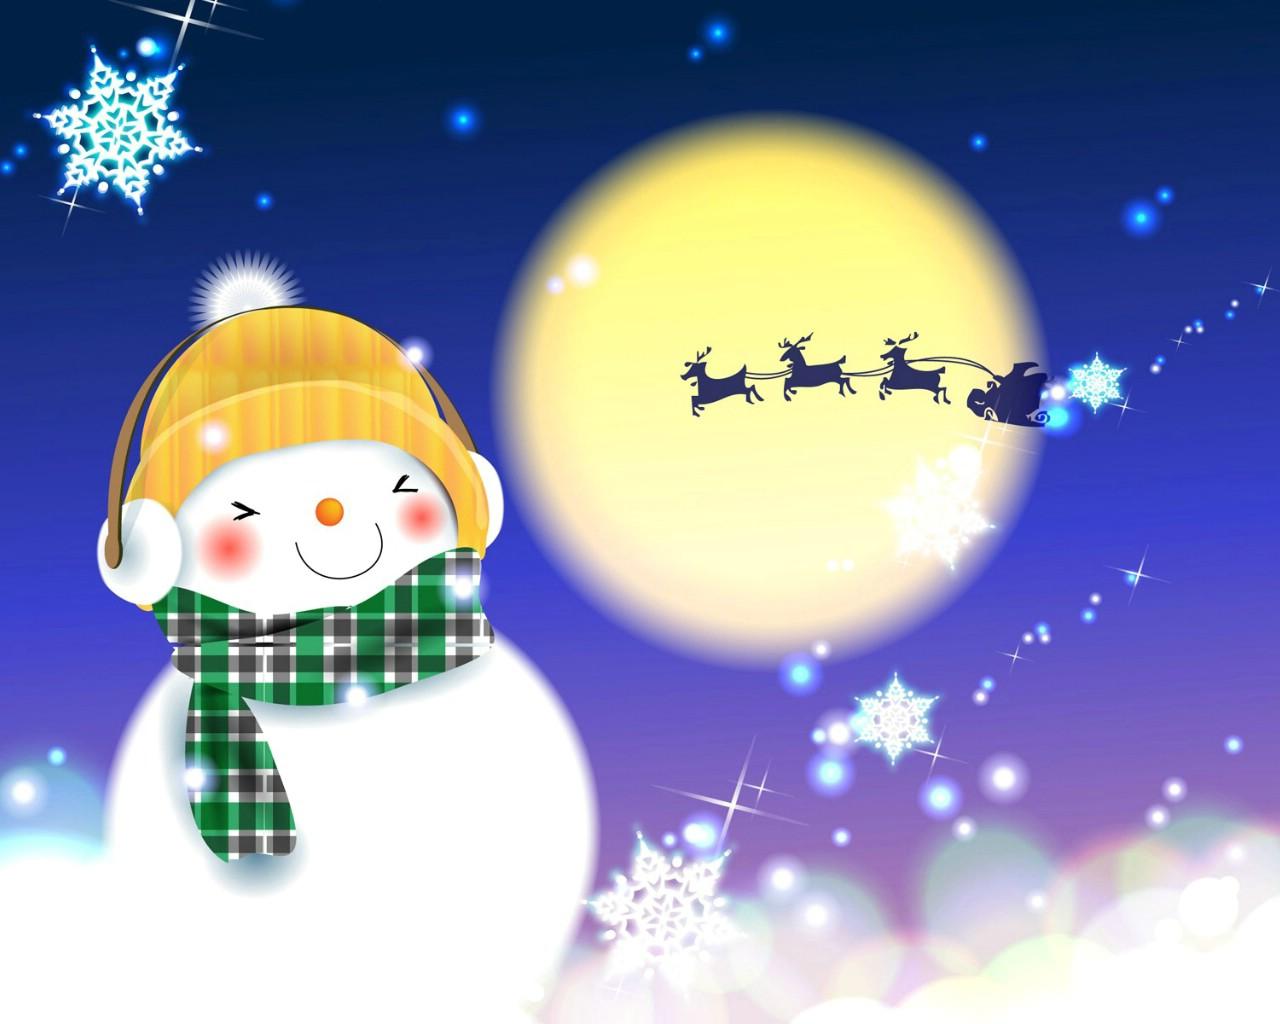 圣诞节- 可爱雪人图片壁纸_乐乐简笔画